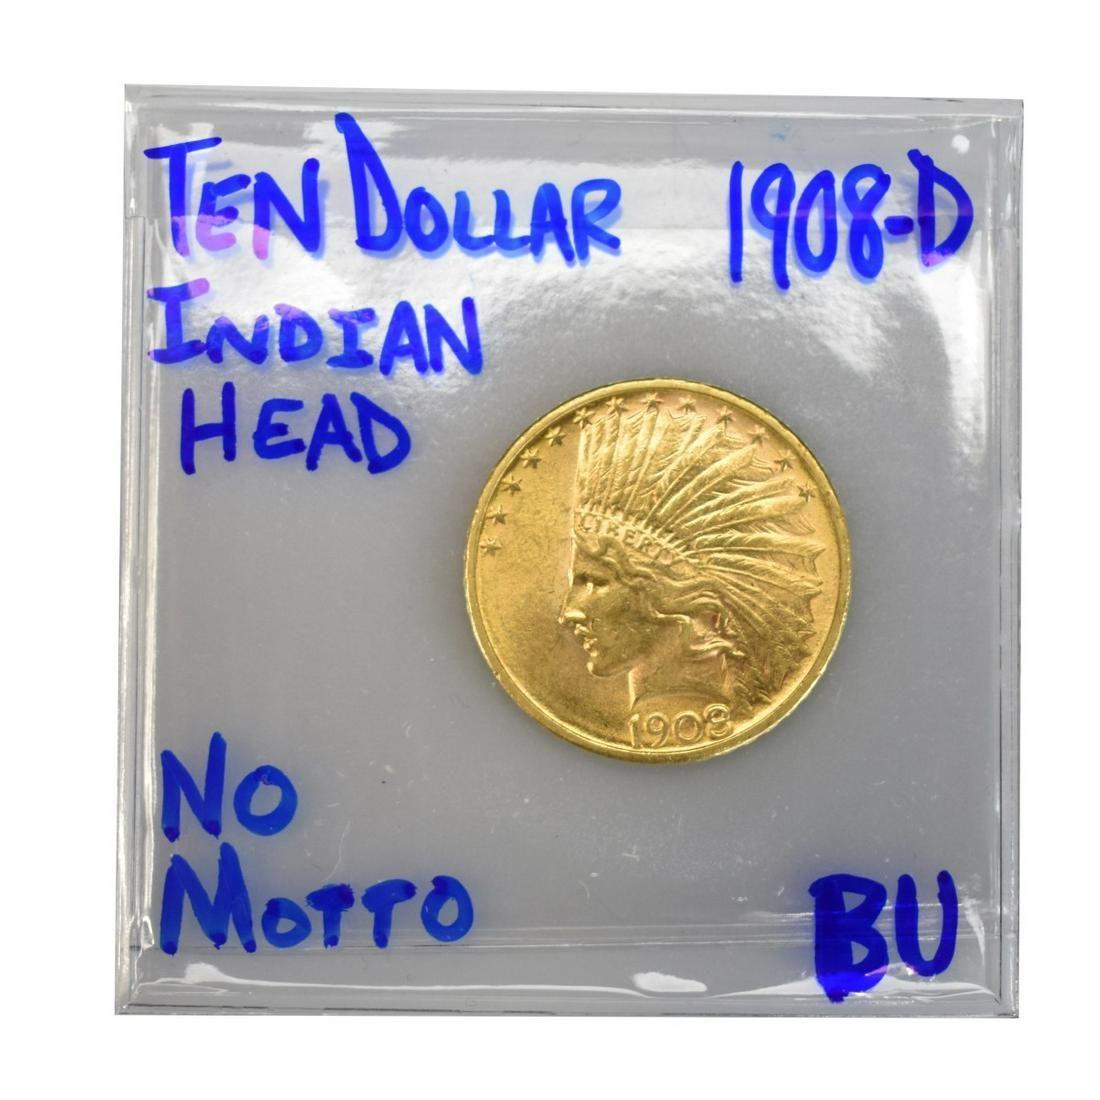 1908 US Indian Head Ten Dollar